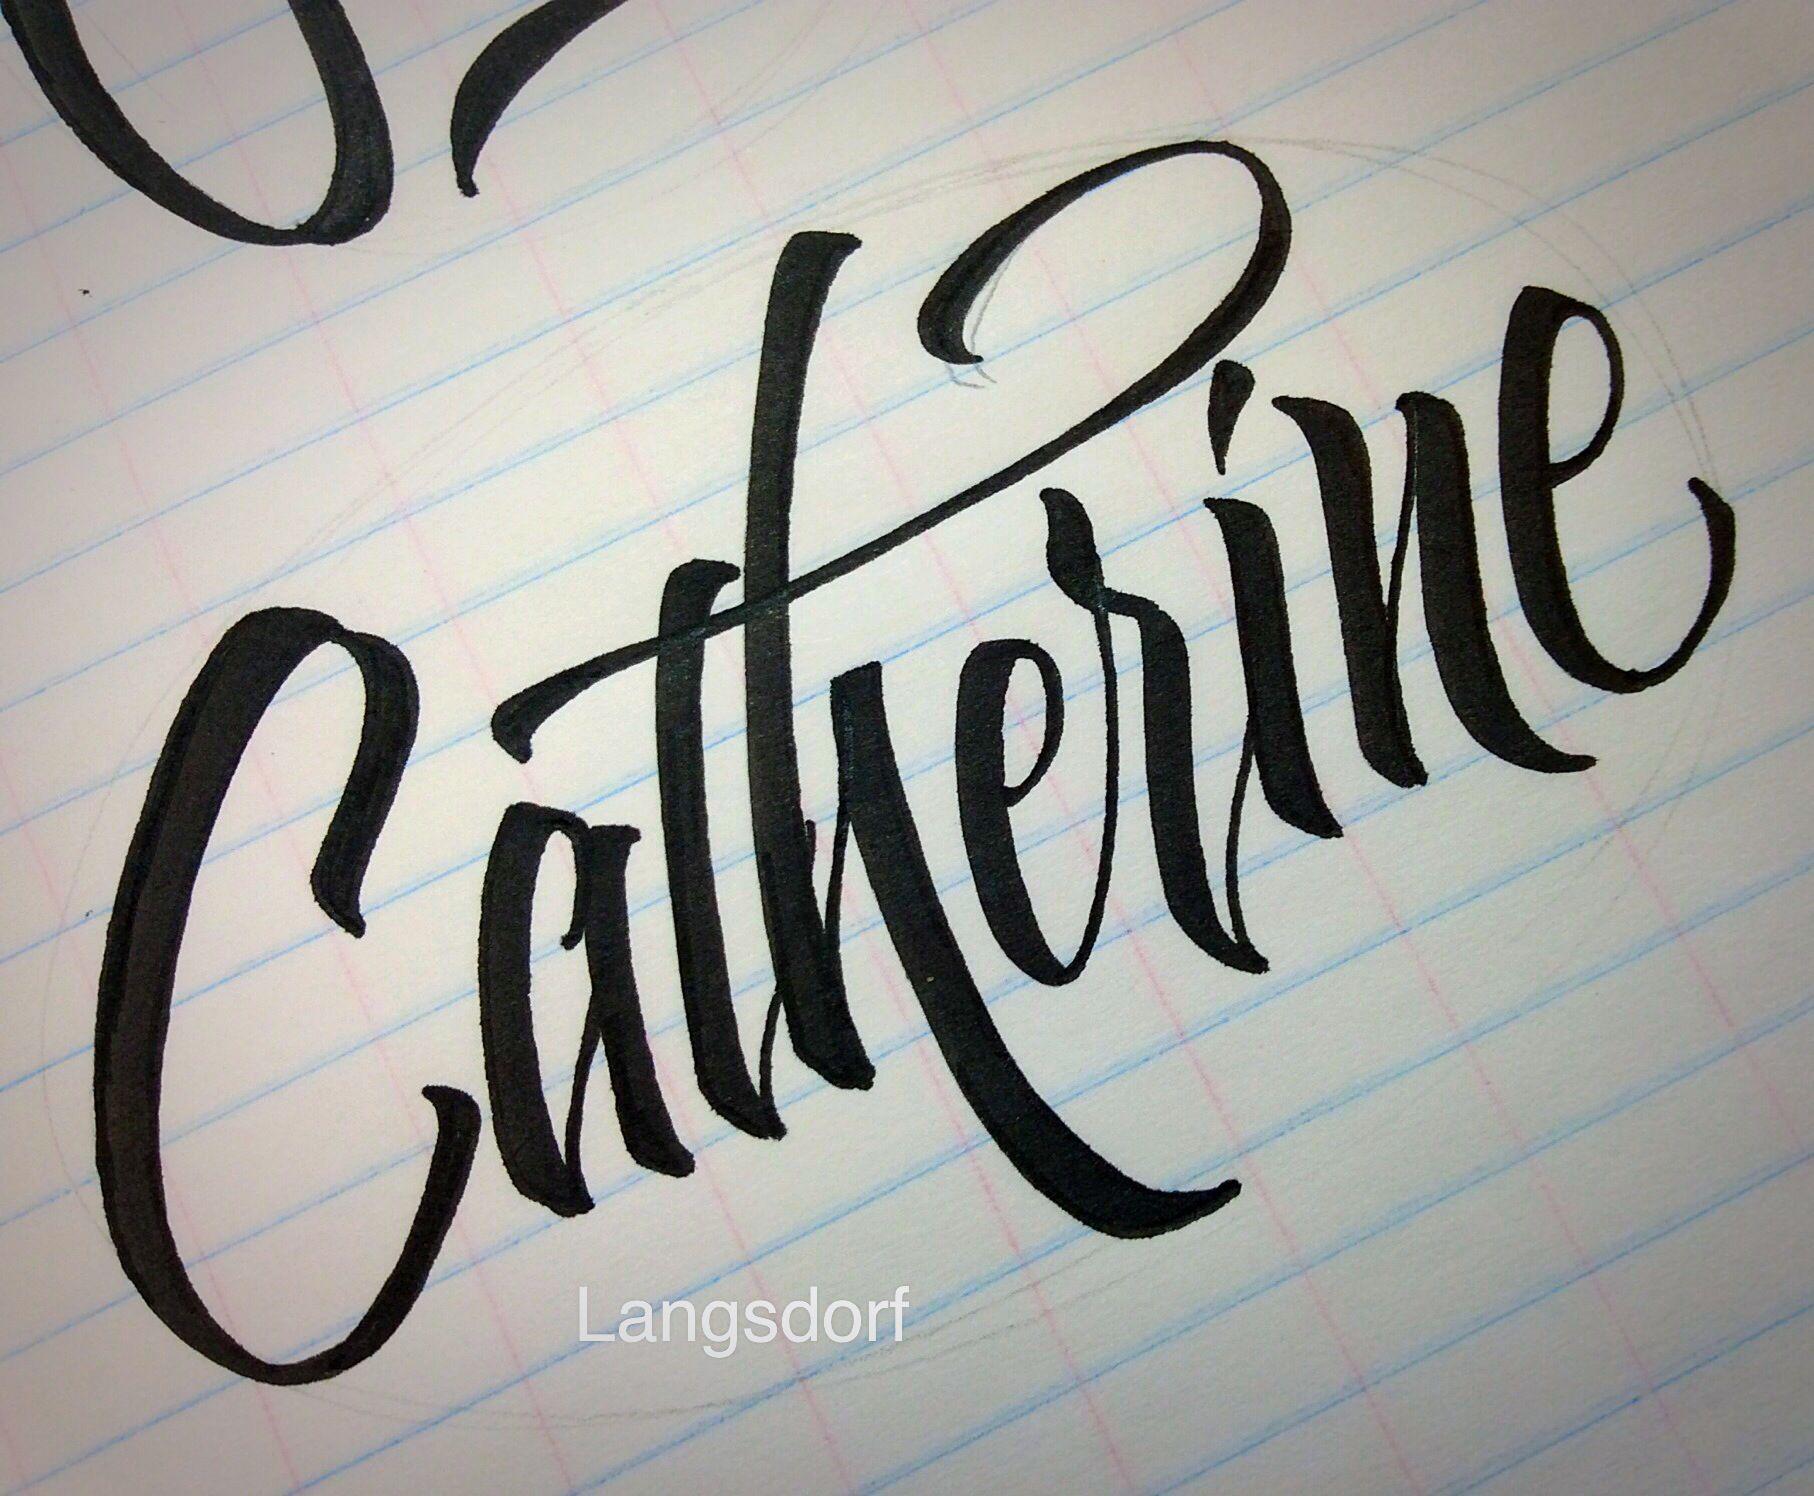 Calligraphy belinda moy